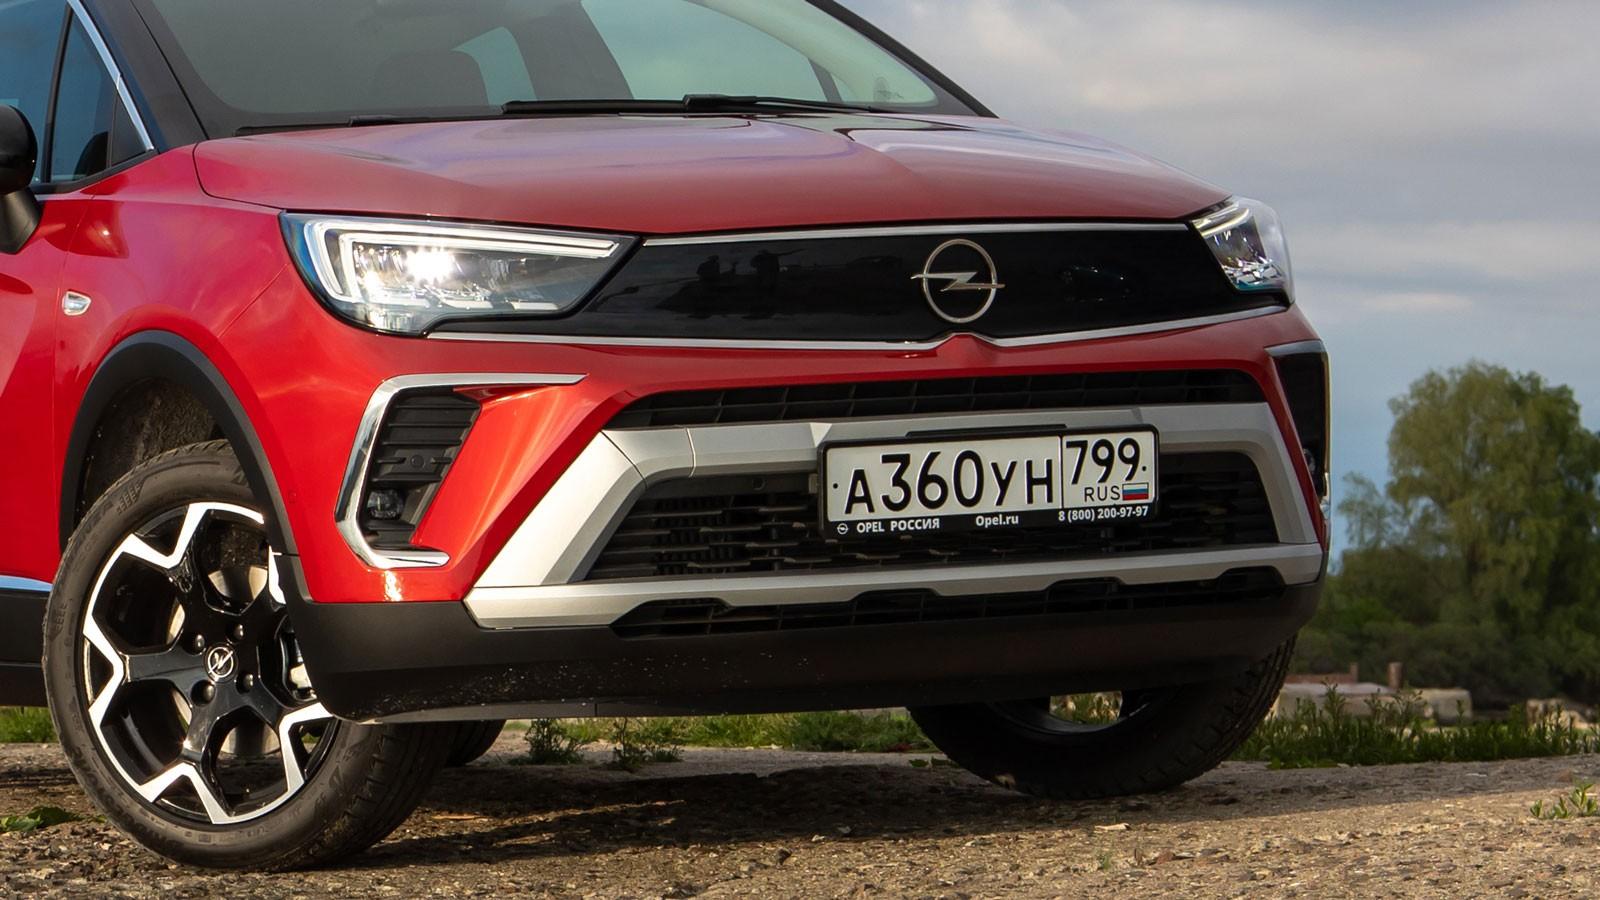 Тест-драйв Opel Crossland: три цилиндра, передний привод и жёсткая подвеска